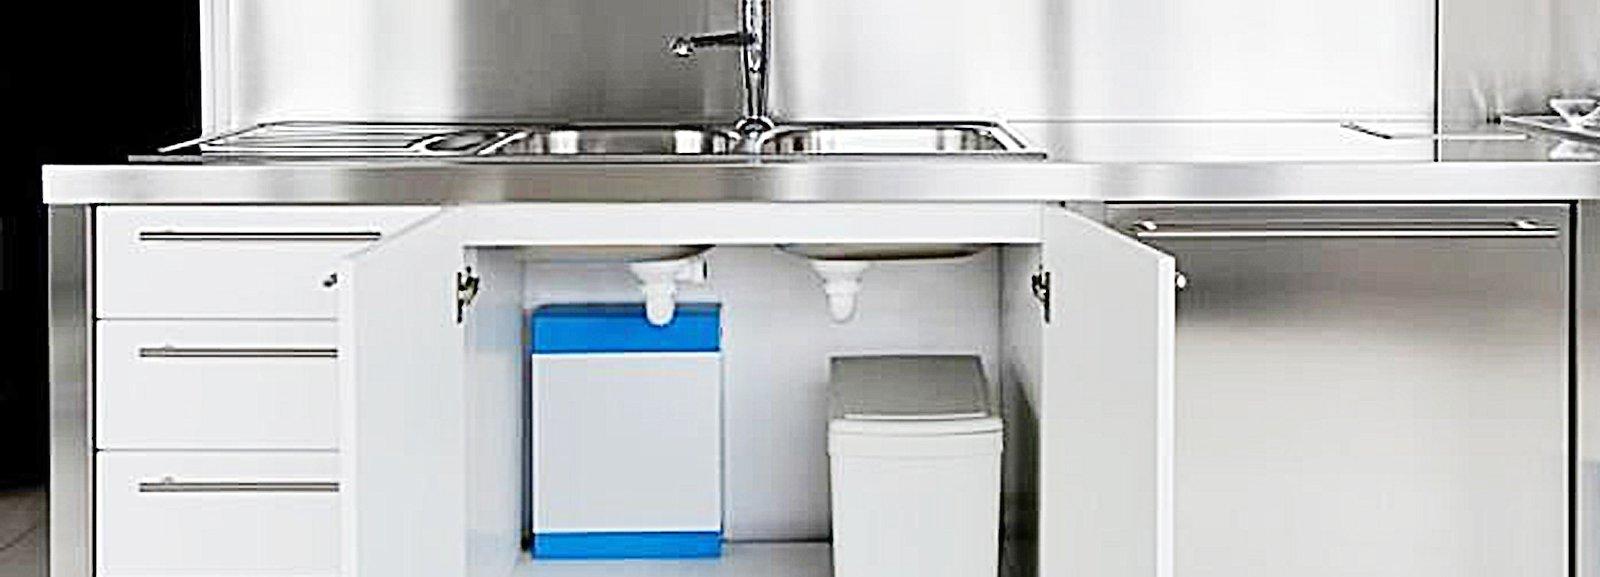 Acqua gasata dal rubinetto di casa - Cose di Casa